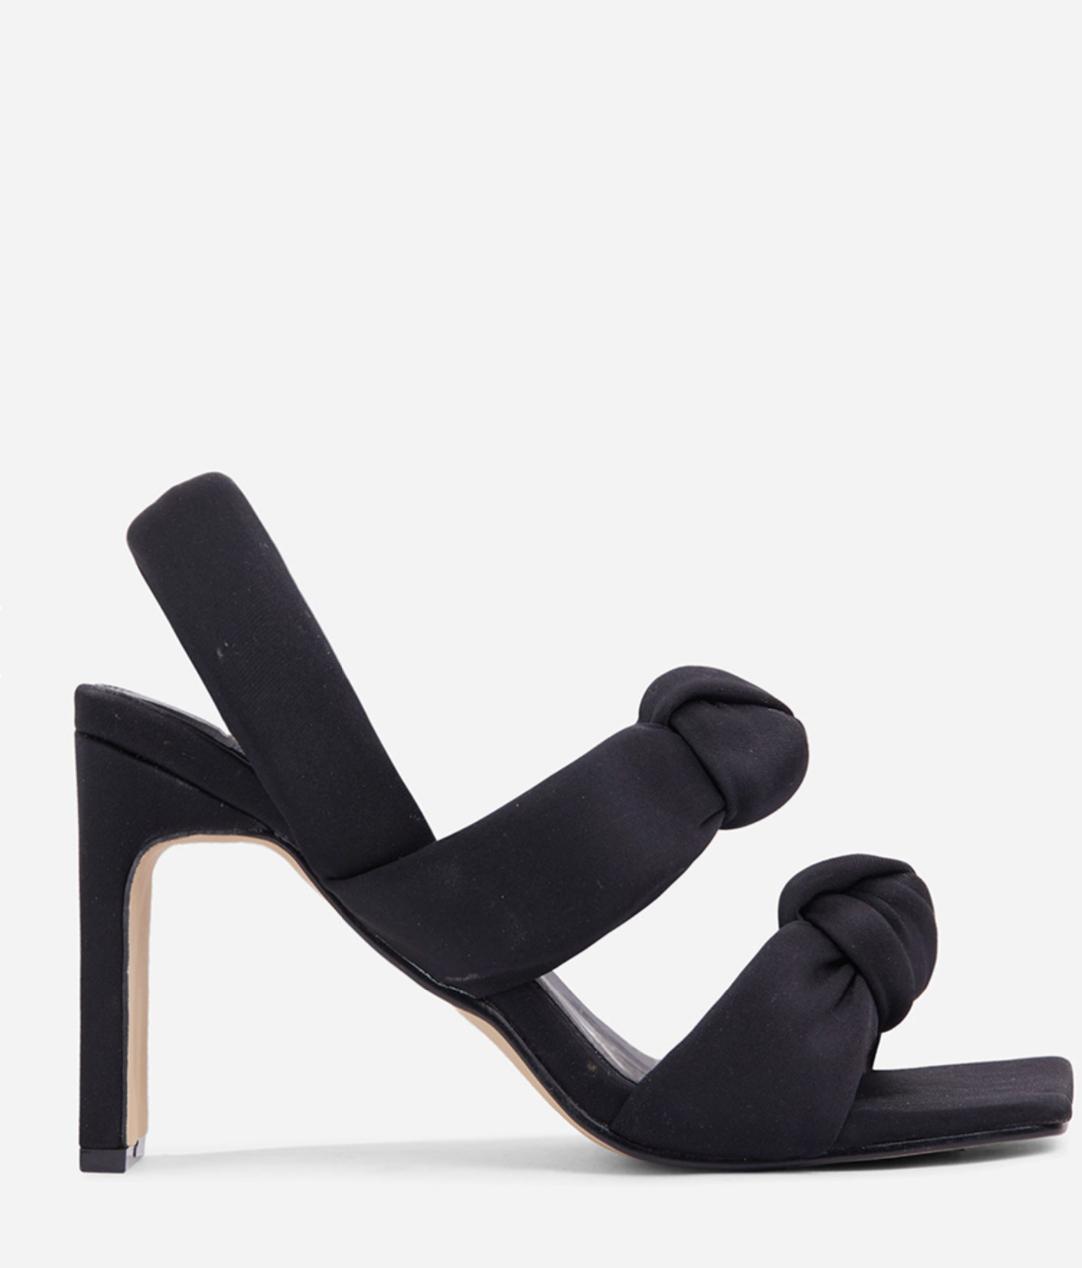 Sandalias negras de tacón con diseño acolchado Infatuated de Ego x Molly-Mae